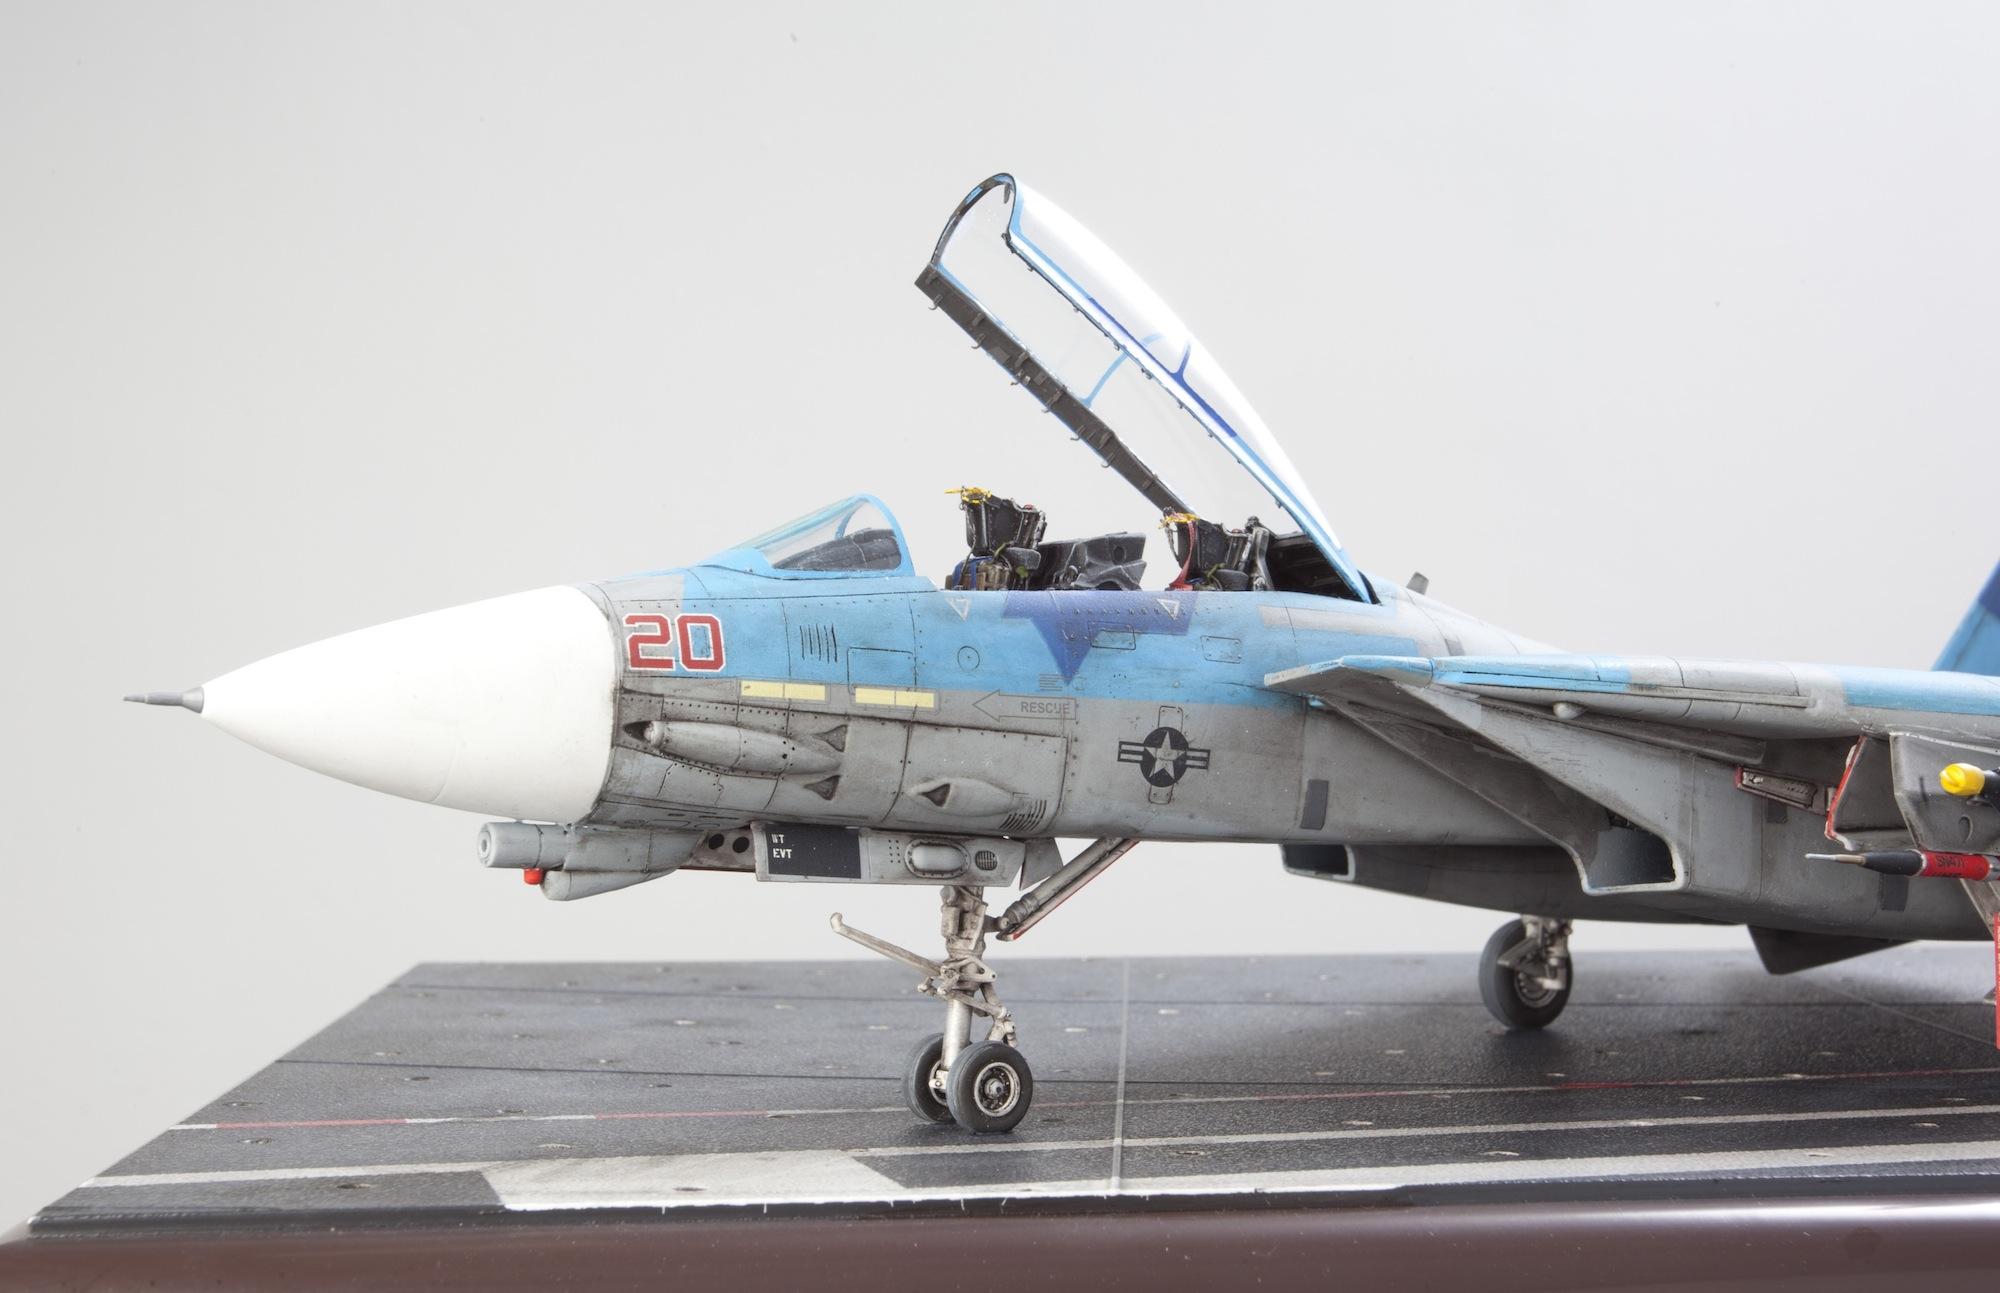 NSAWC F-14A TOMCAT